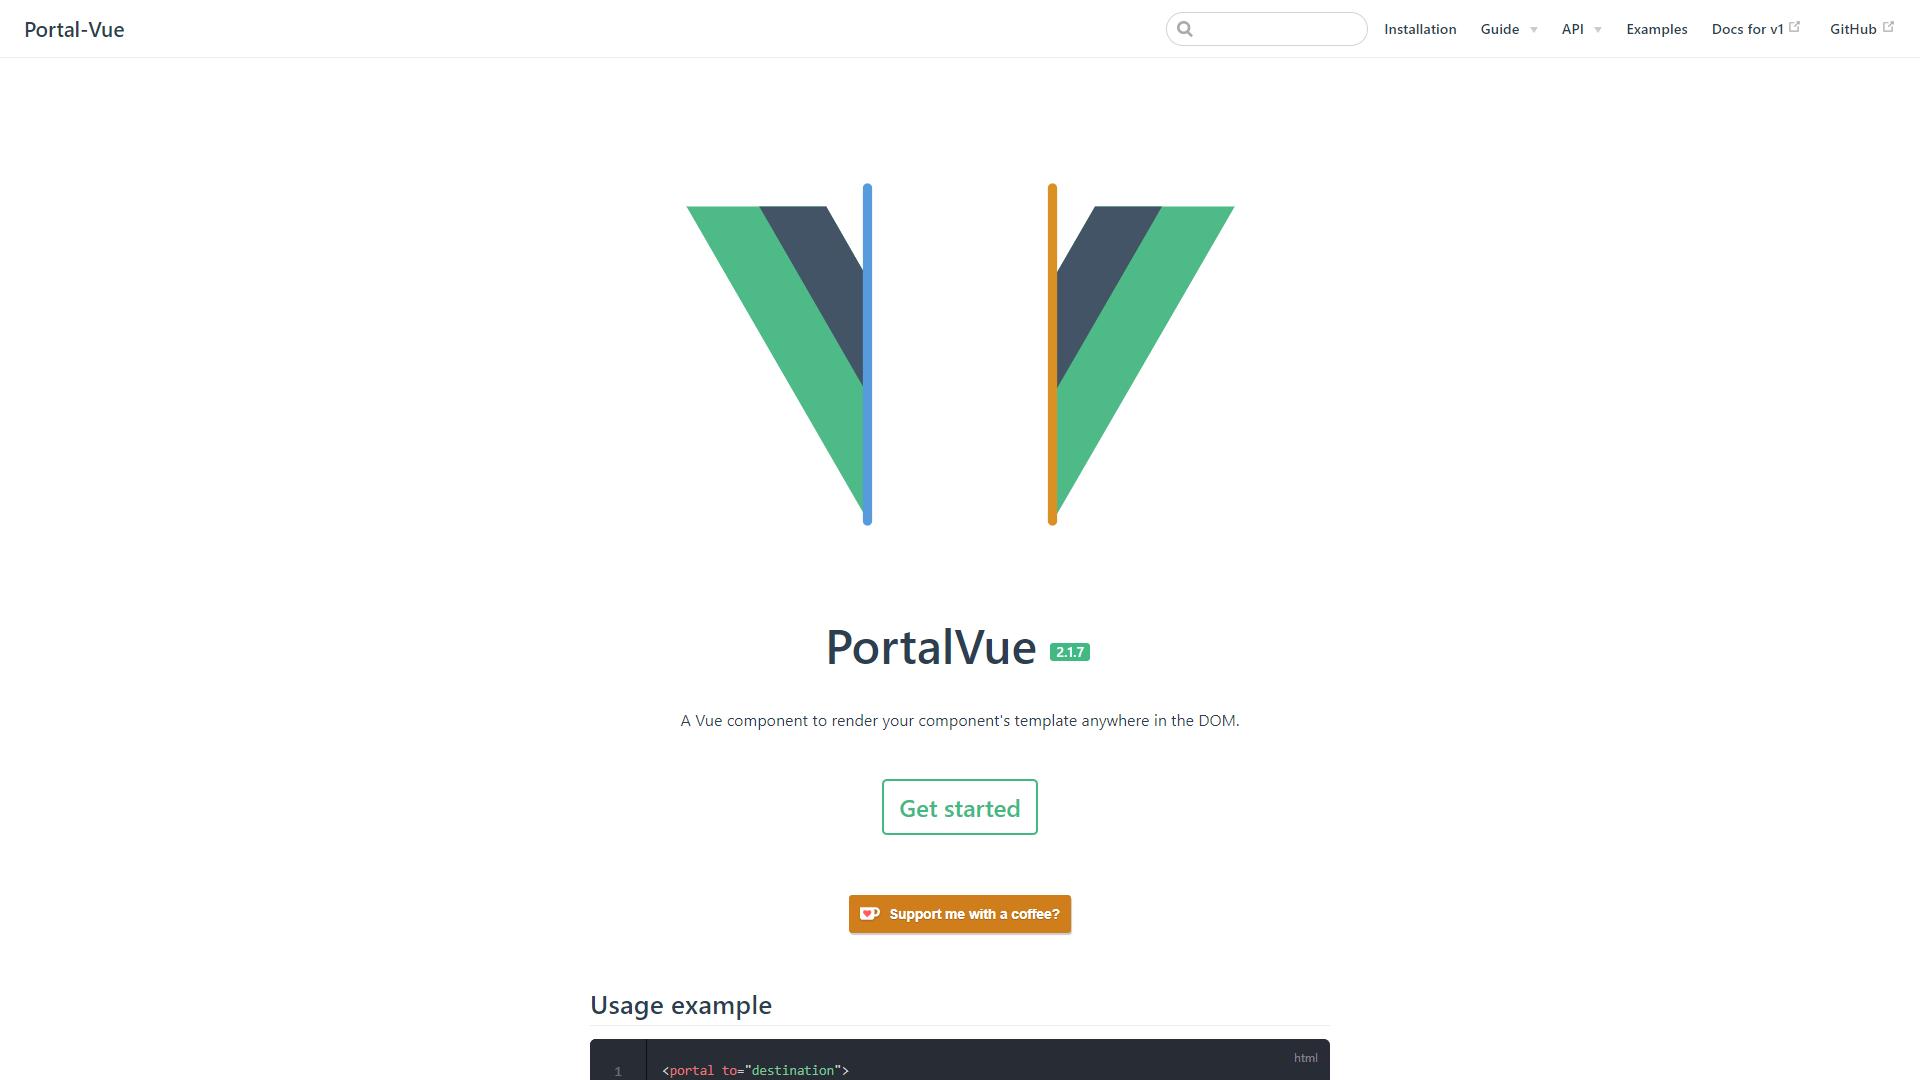 portalvue